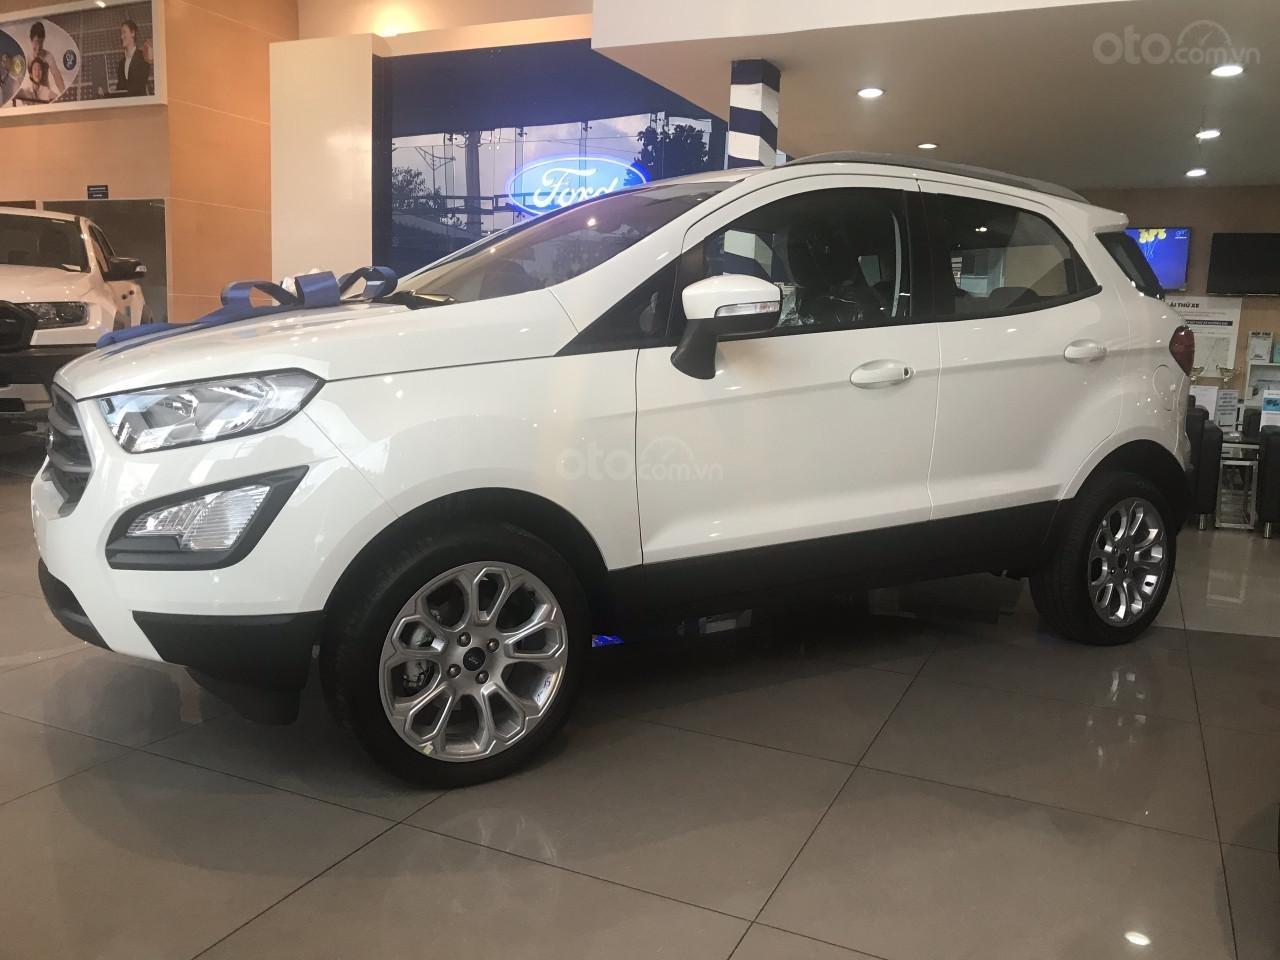 Bán xe Ford Ecosport 2019 - Mua xe tặng xe và hàng ngàn phần quà khác (3)